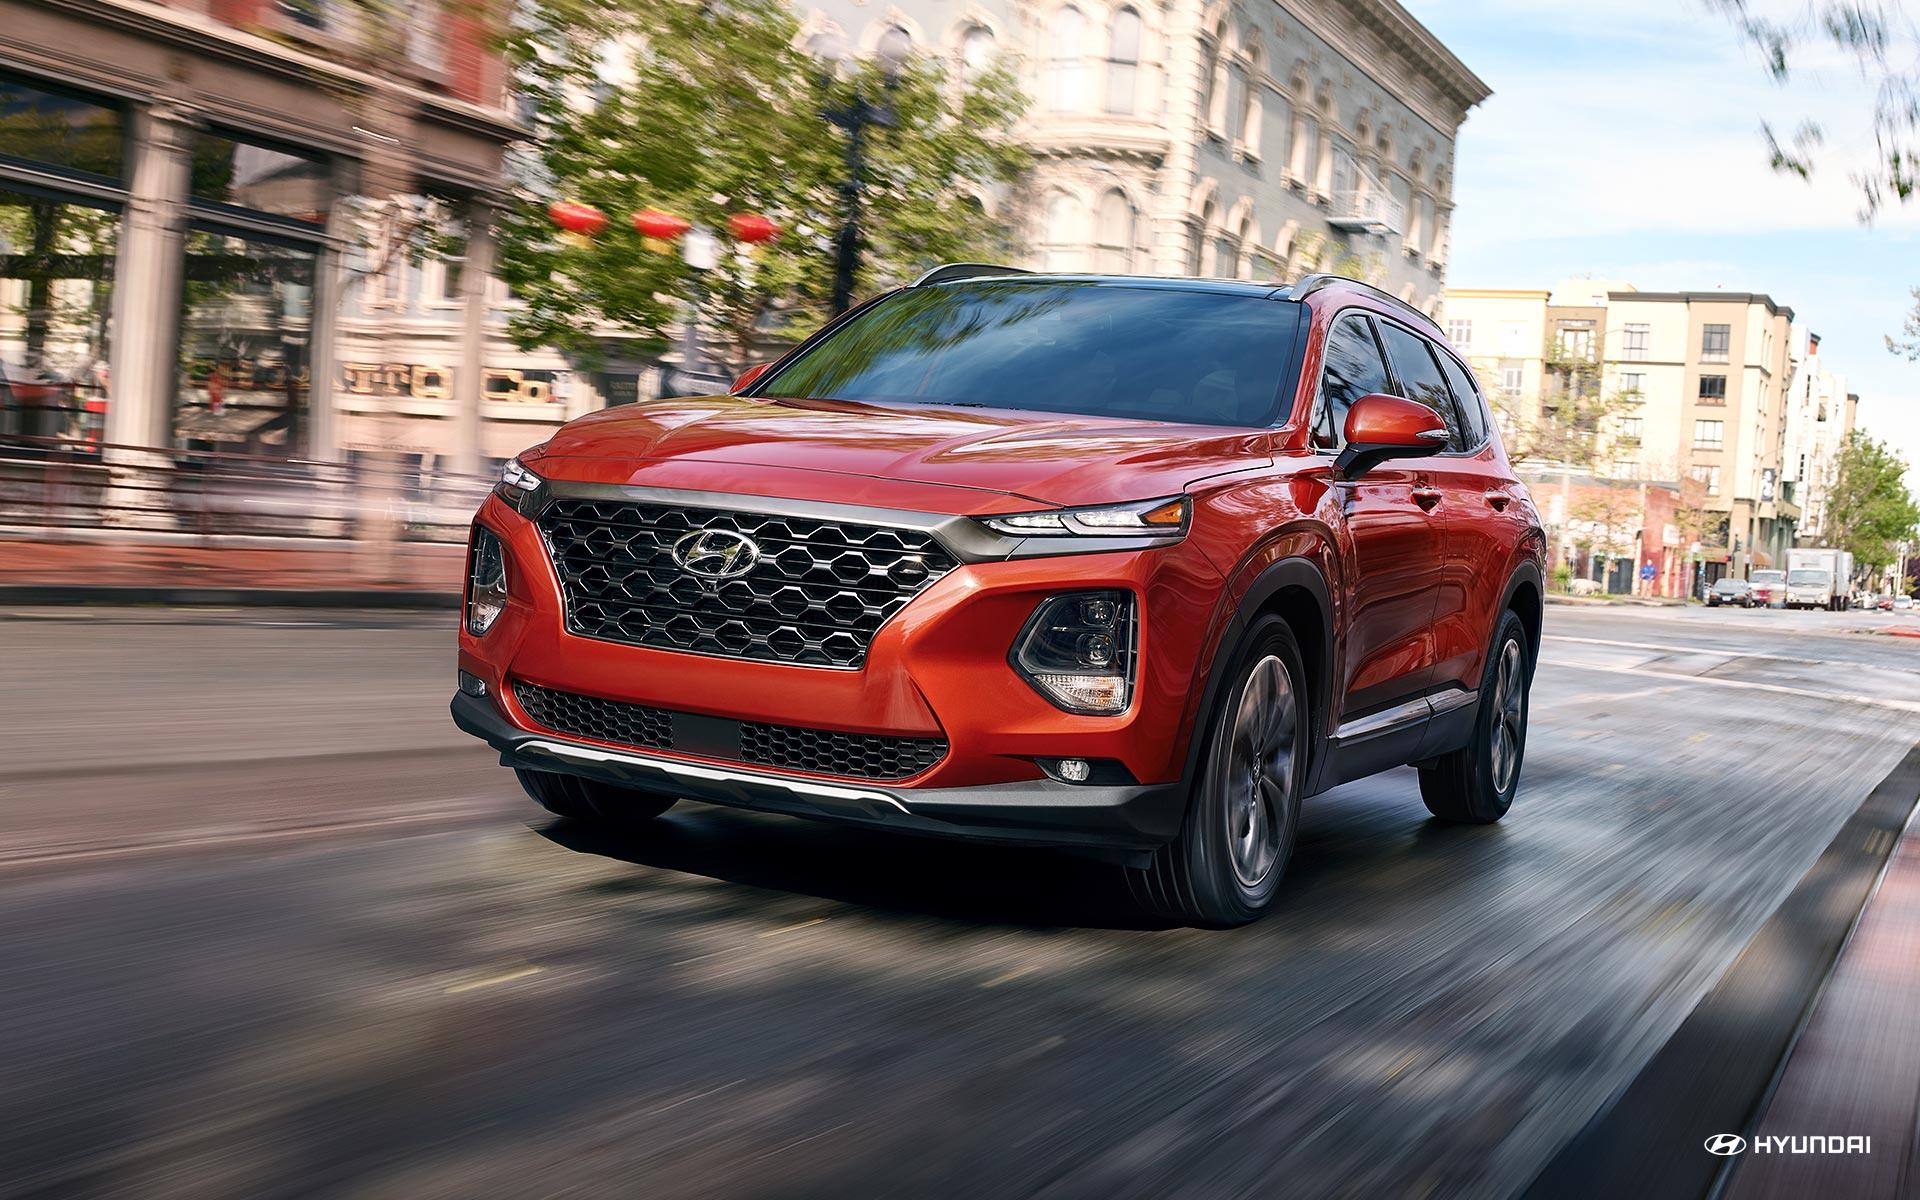 2020 Hyundai Santa Fe Performance